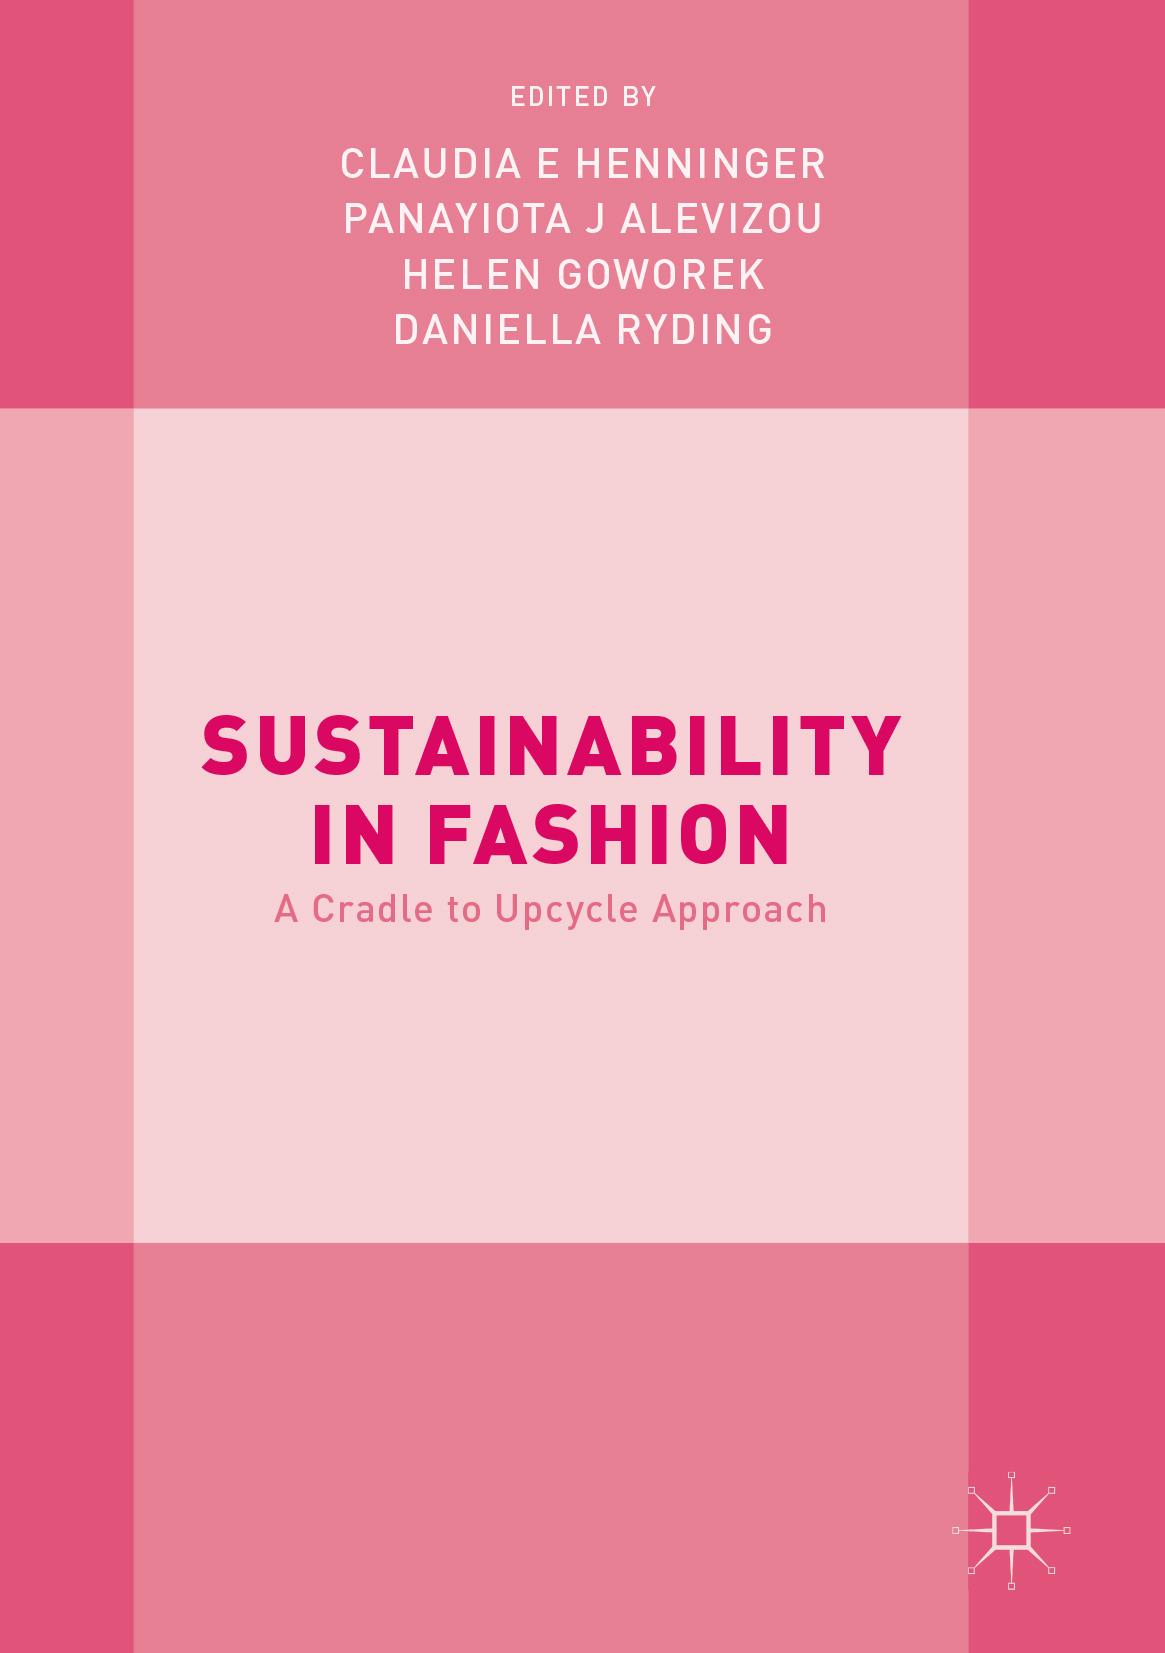 Alevizou, Panayiota J. - Sustainability in Fashion, ebook